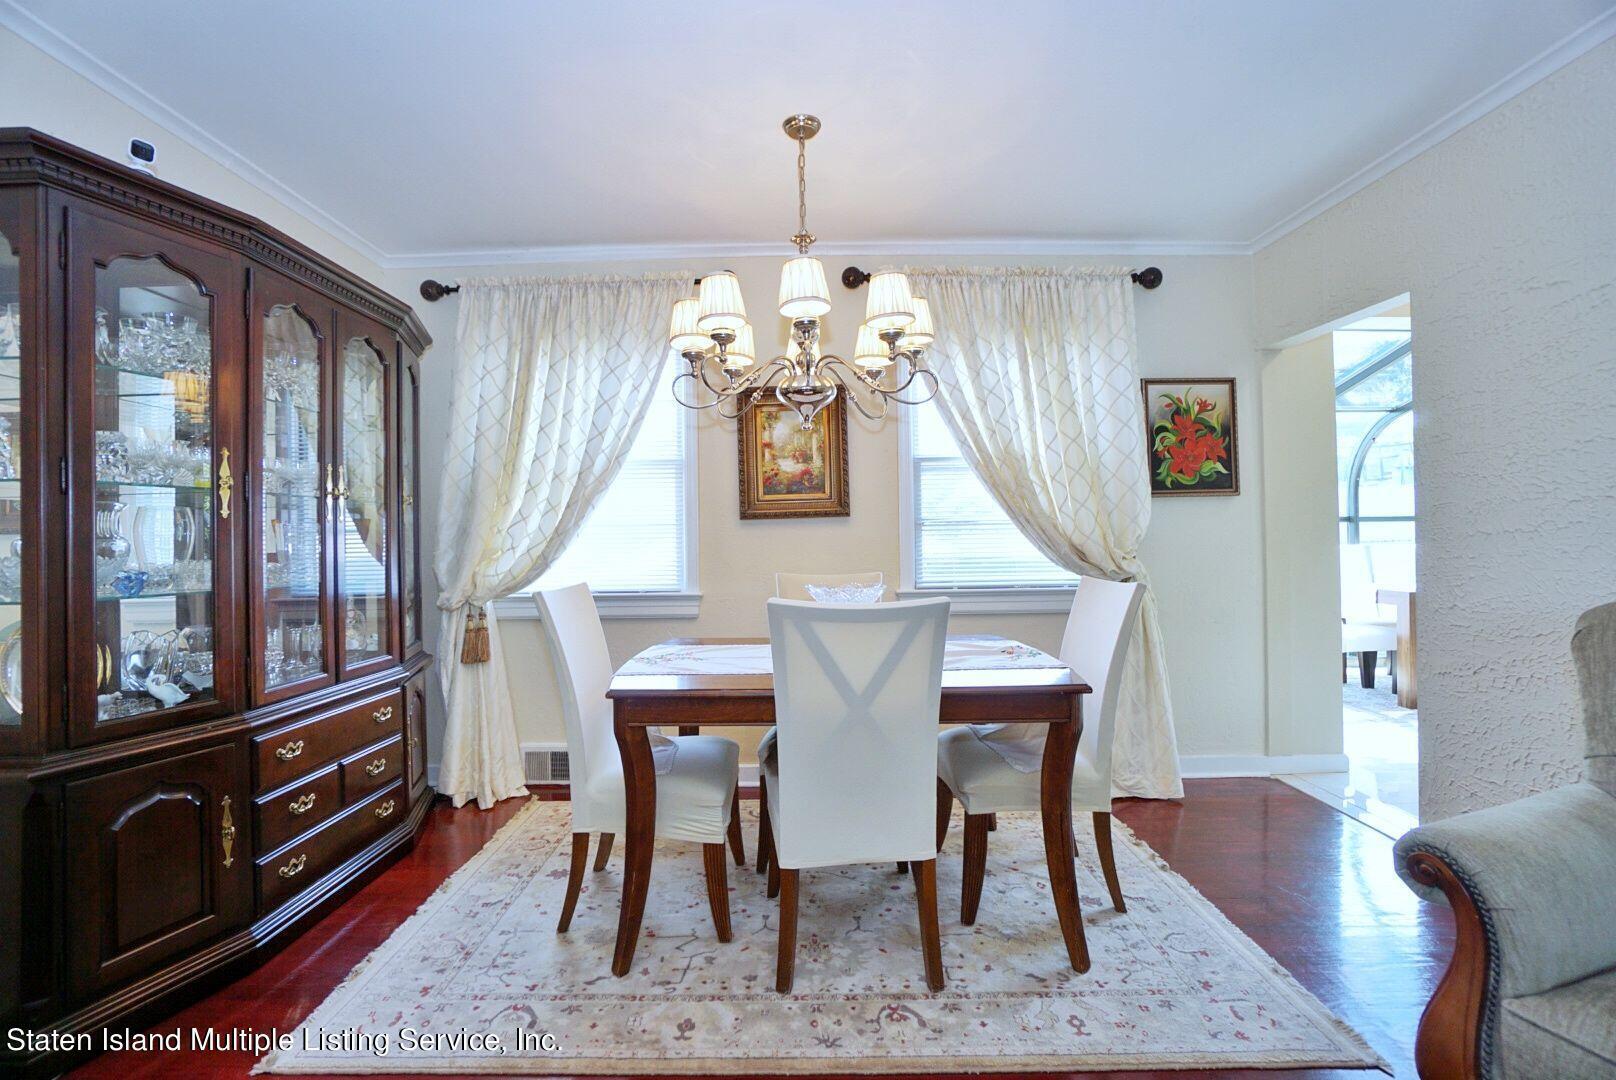 Single Family - Detached 29 City Boulevard  Staten Island, NY 10301, MLS-1147694-21